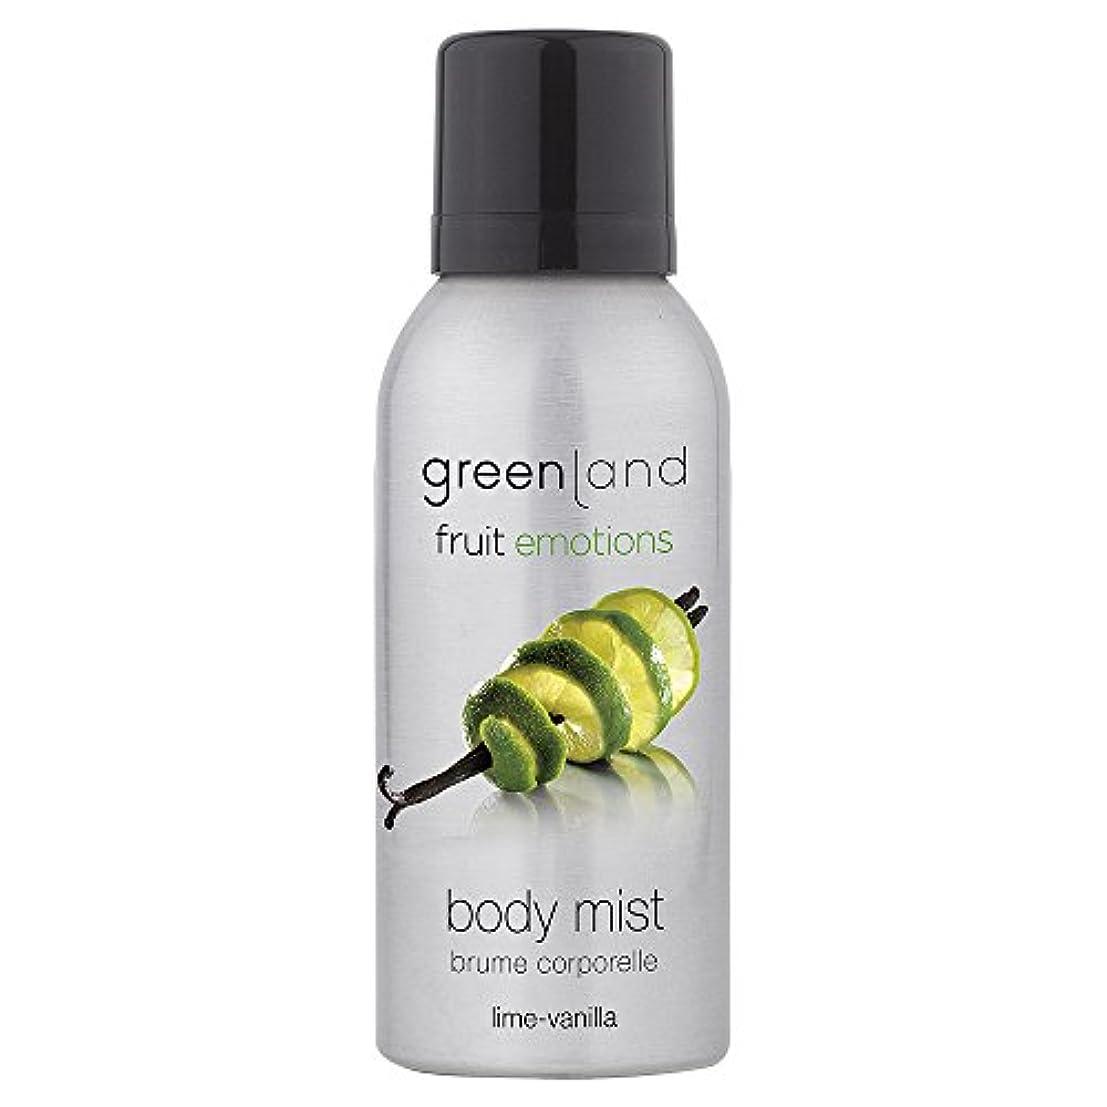 大胆な集める適応greenland ボディミスト [FruitEmotions] 75ml ライム&バニラ FE0204